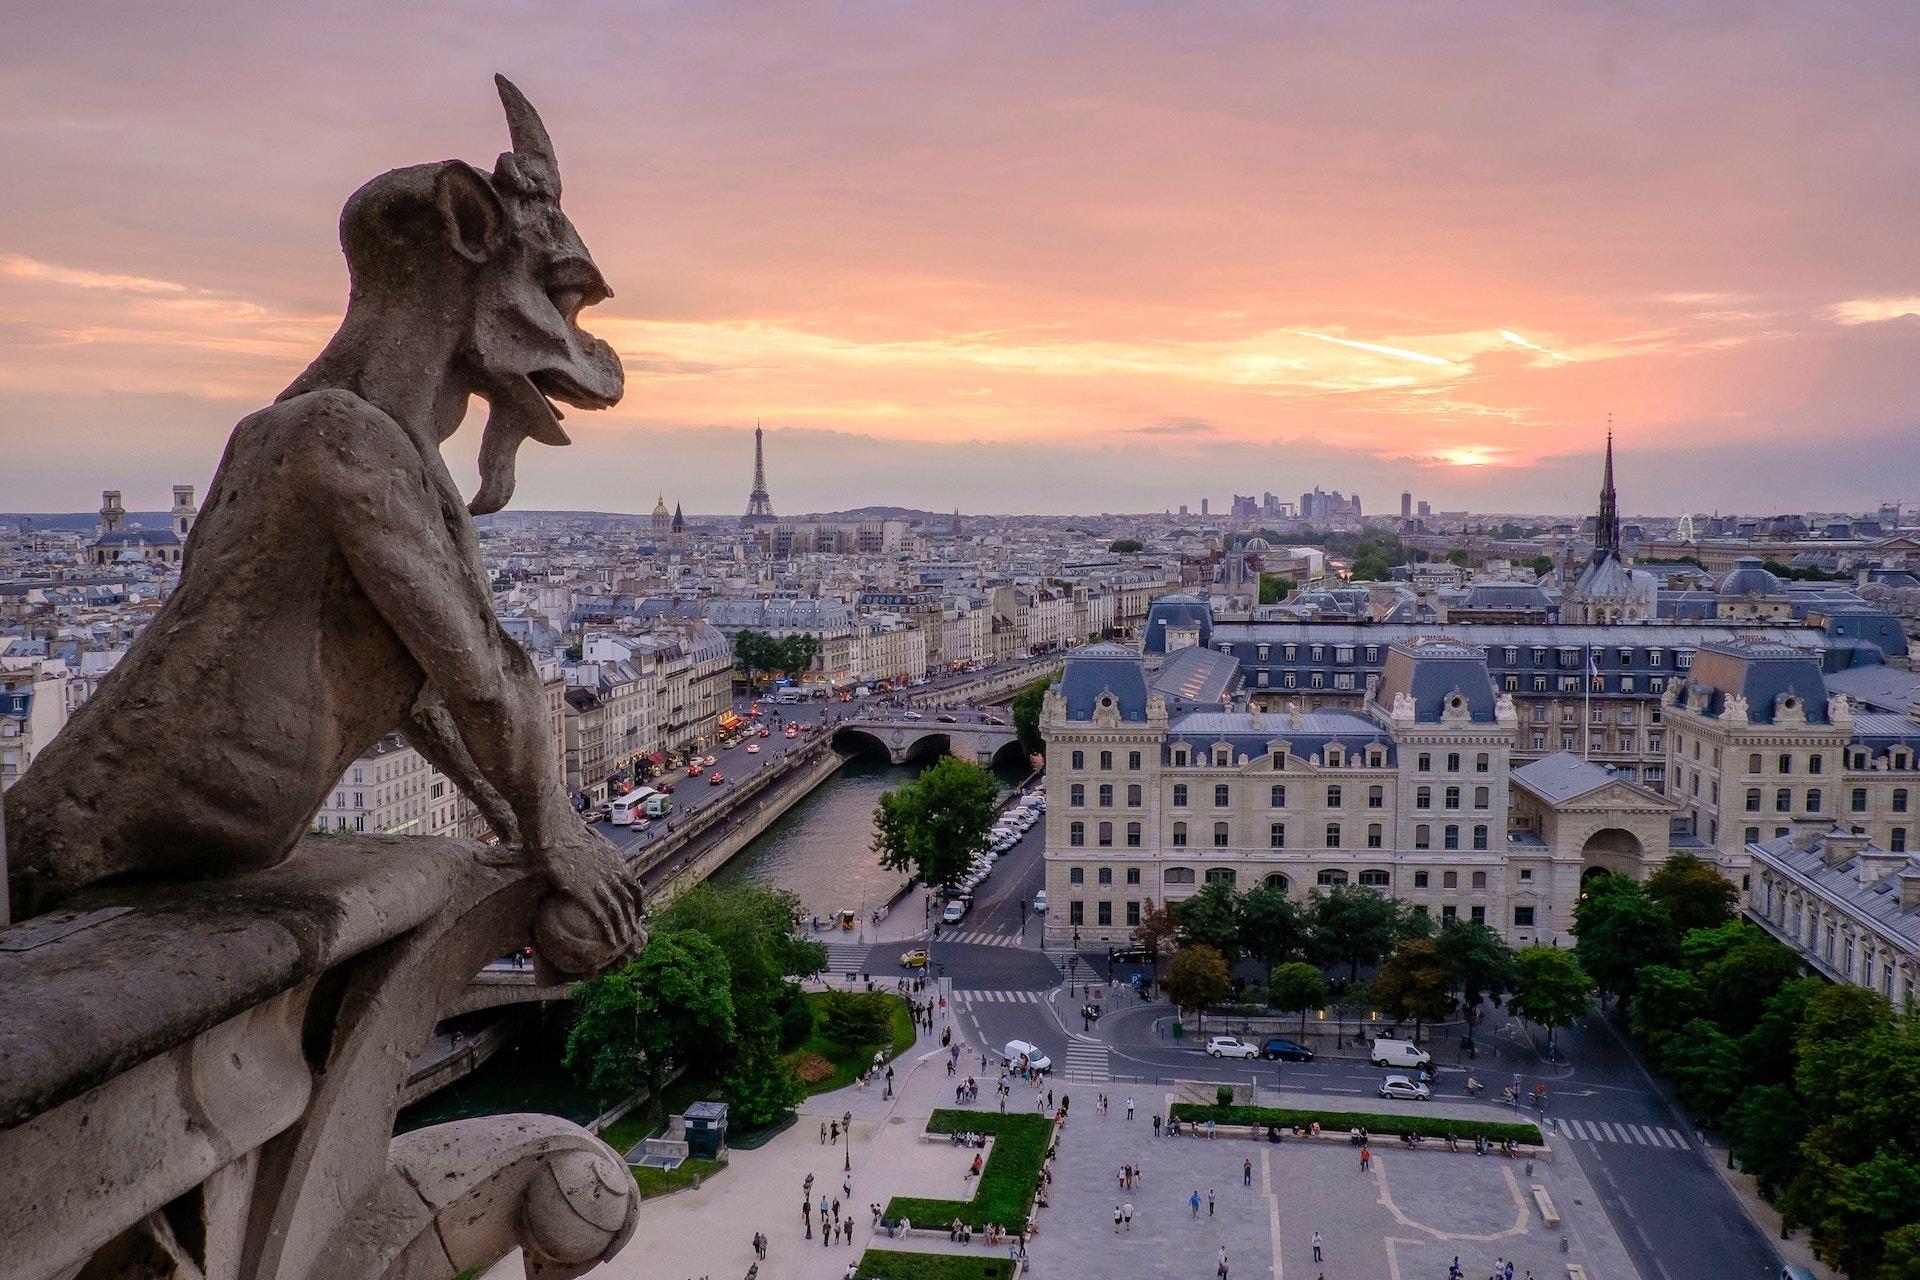 Vue du ciel de Paris et de ses lieux insolites